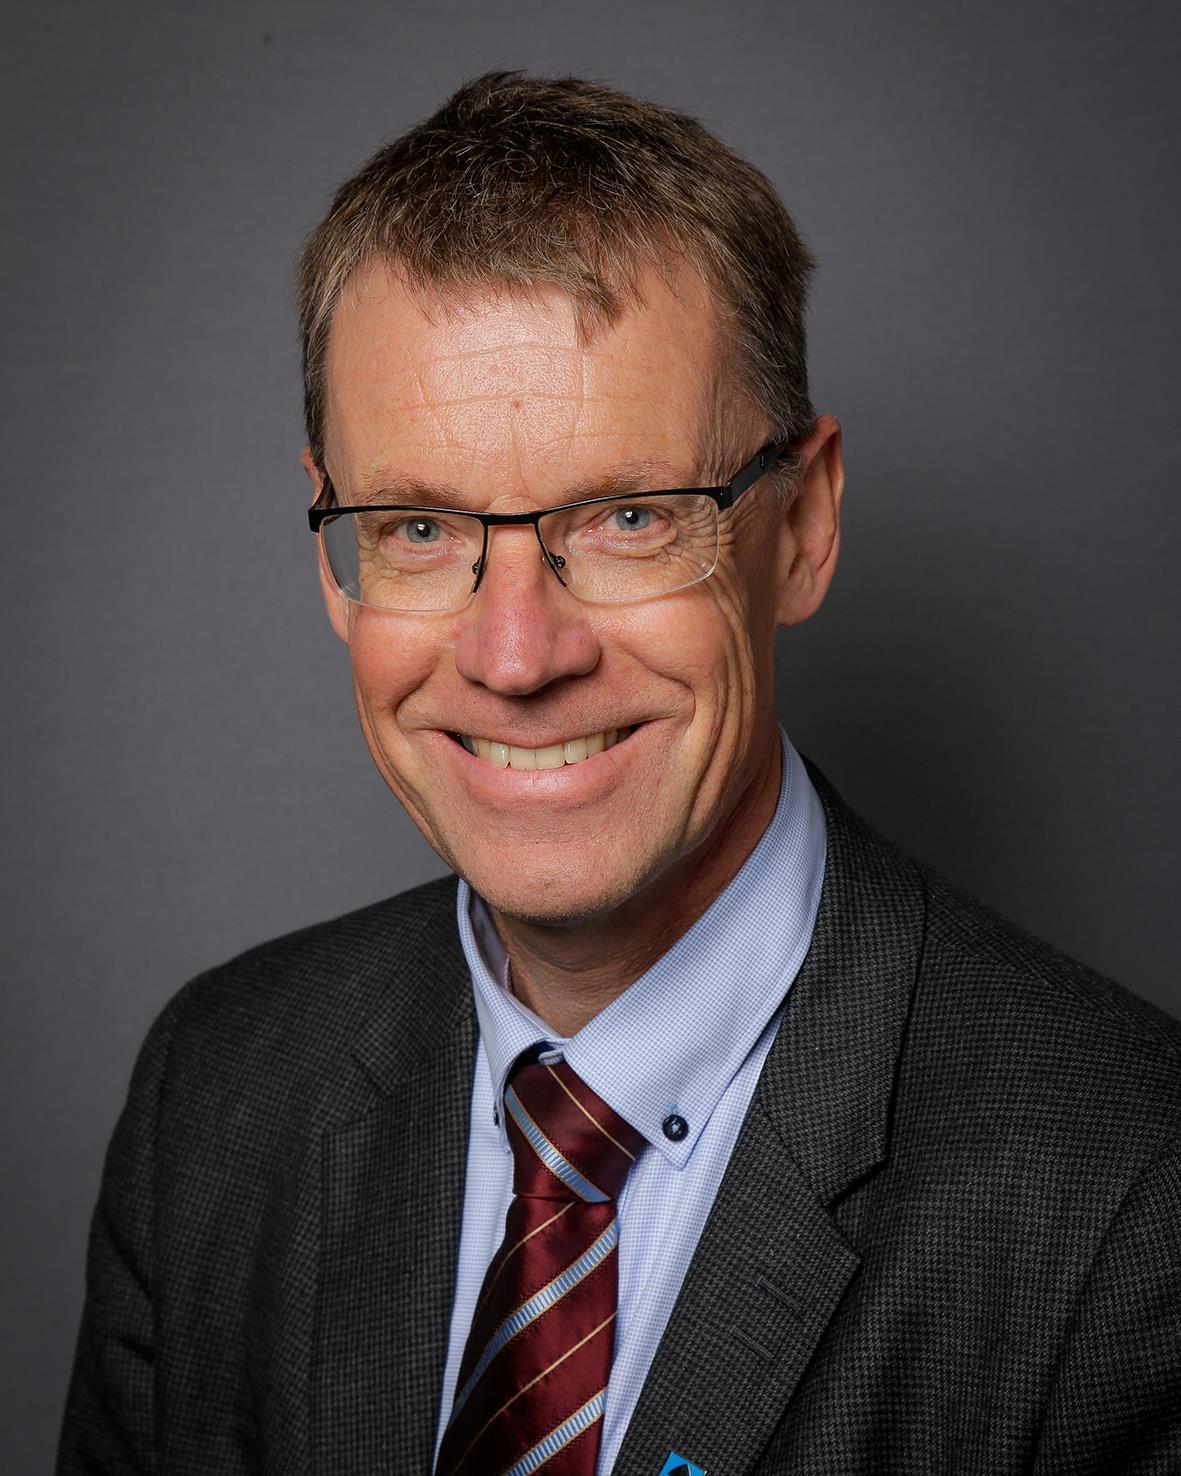 Knut Sletta blir ny jernbanedirektør - Viken fylkeskommune